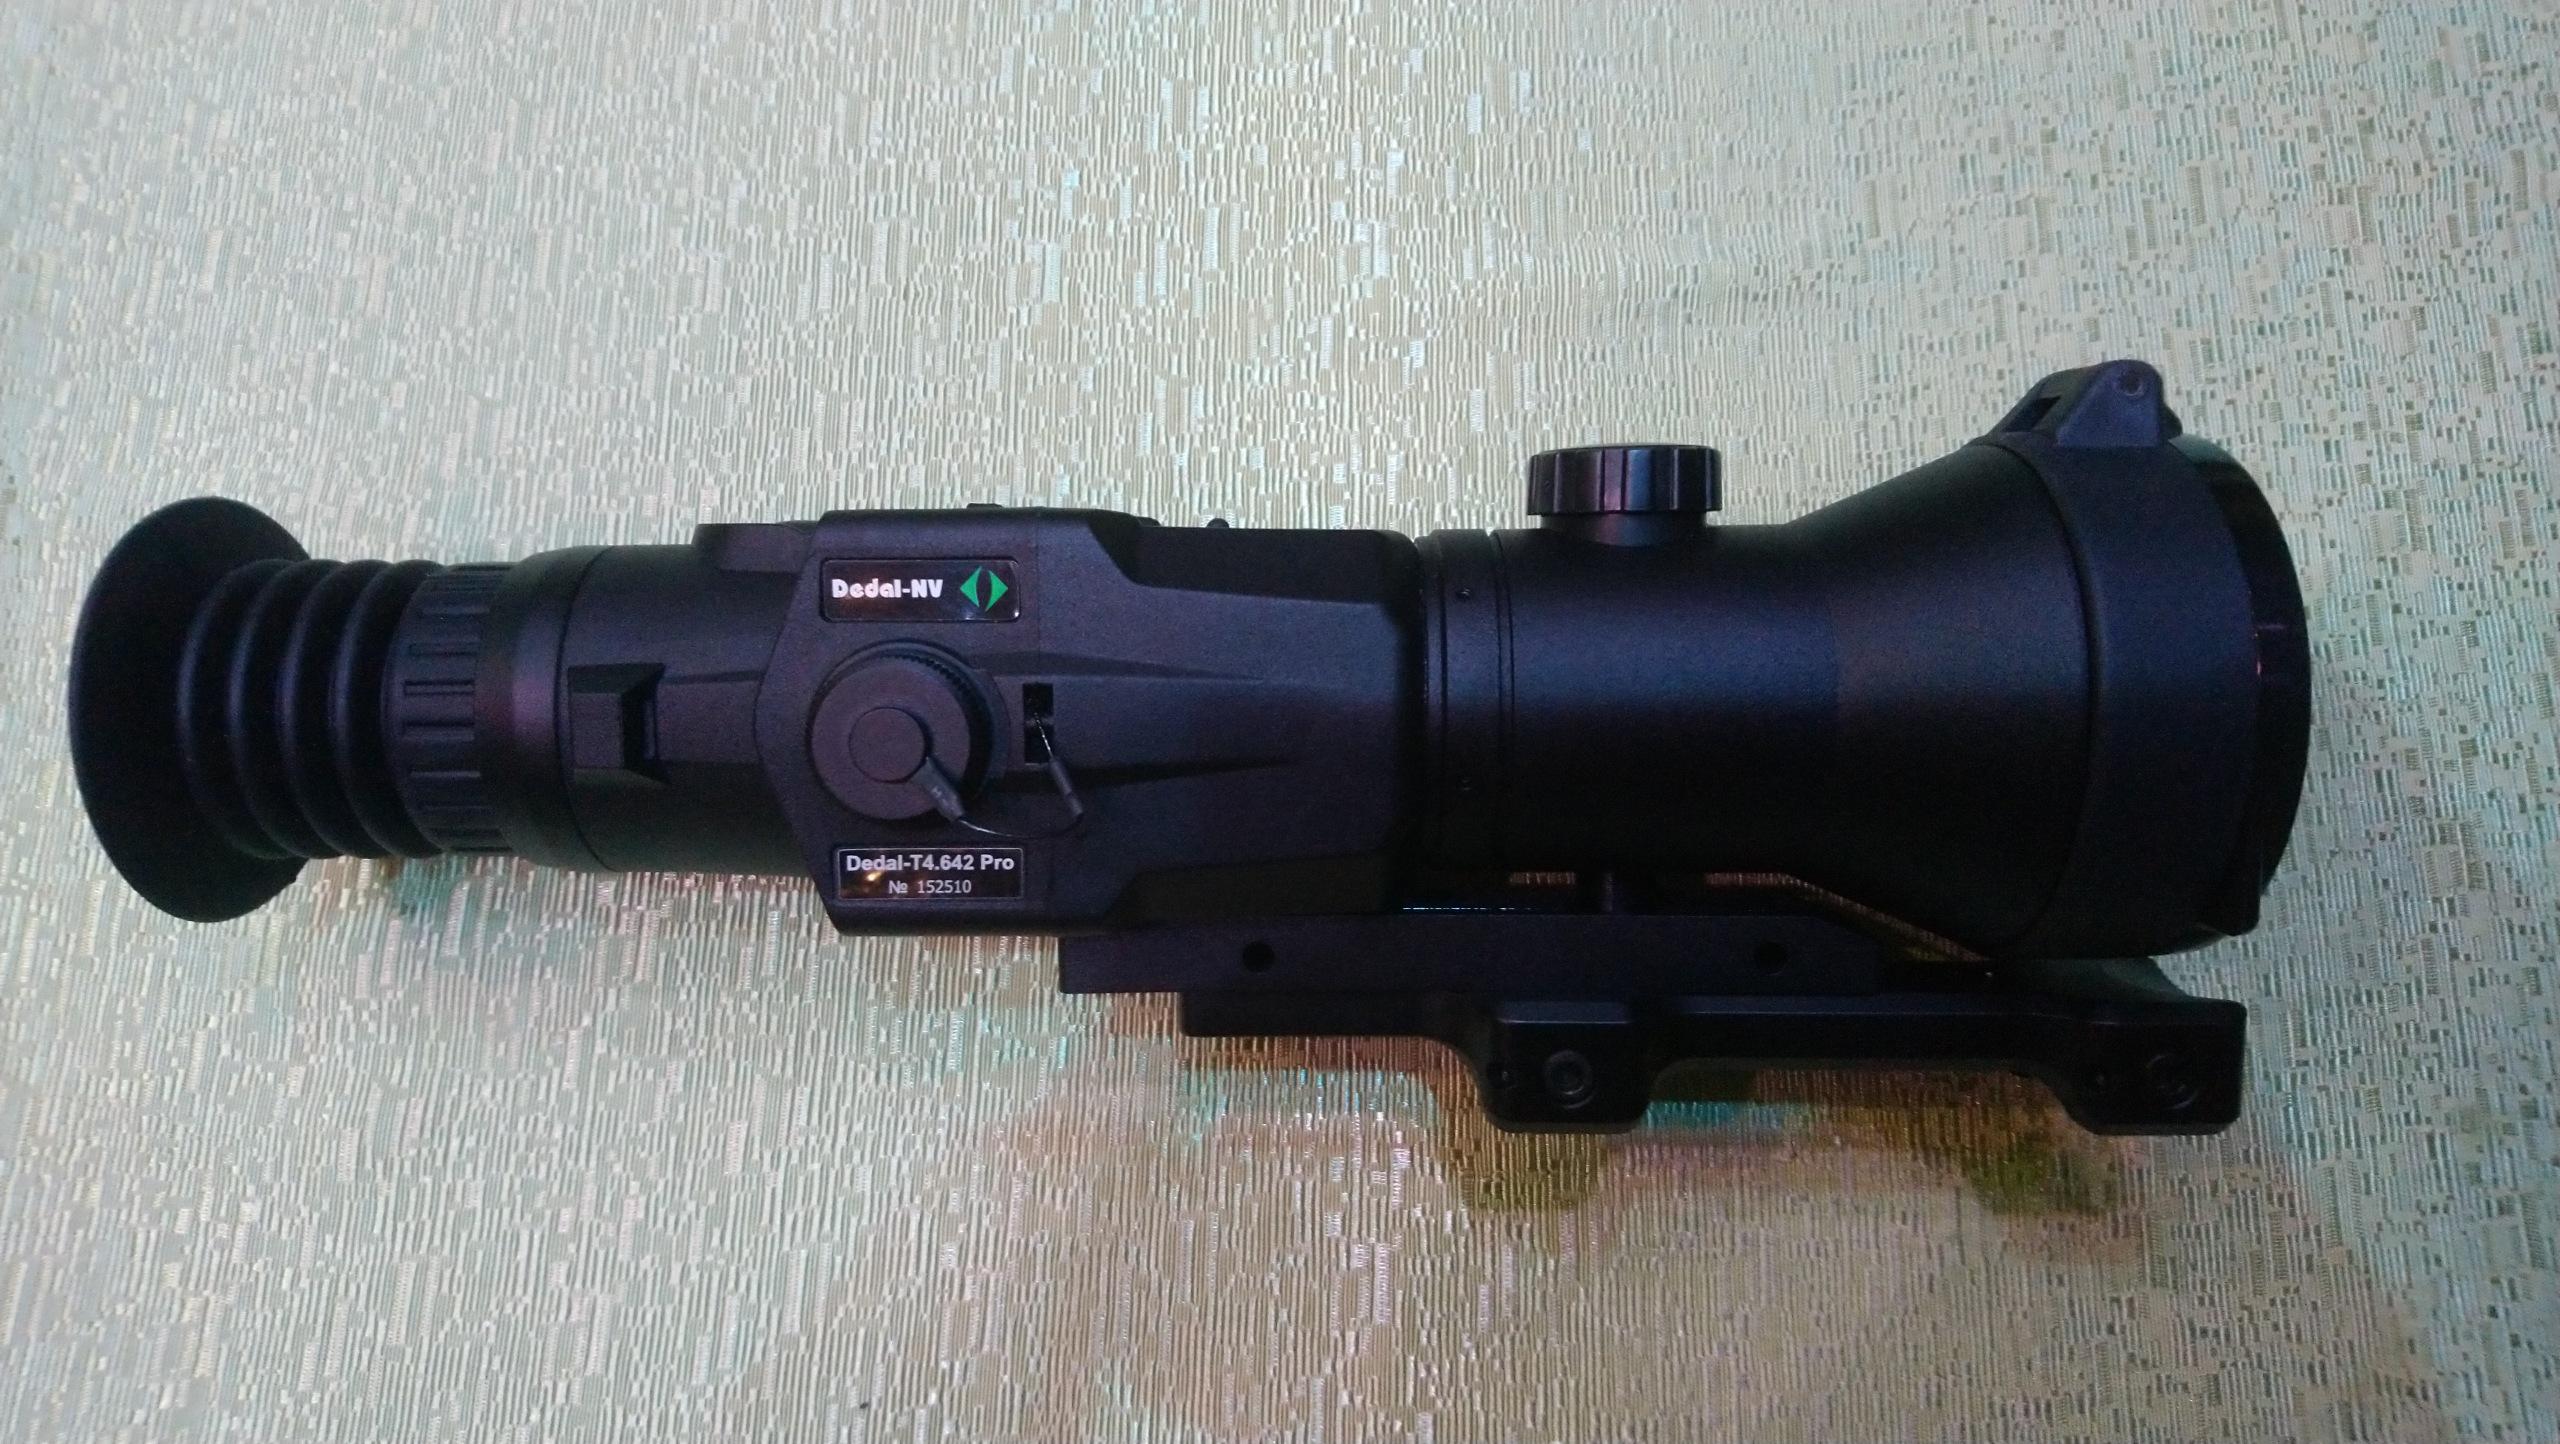 фотография тепловизионного охотничьего прицела Dedal-T4.642 Pro